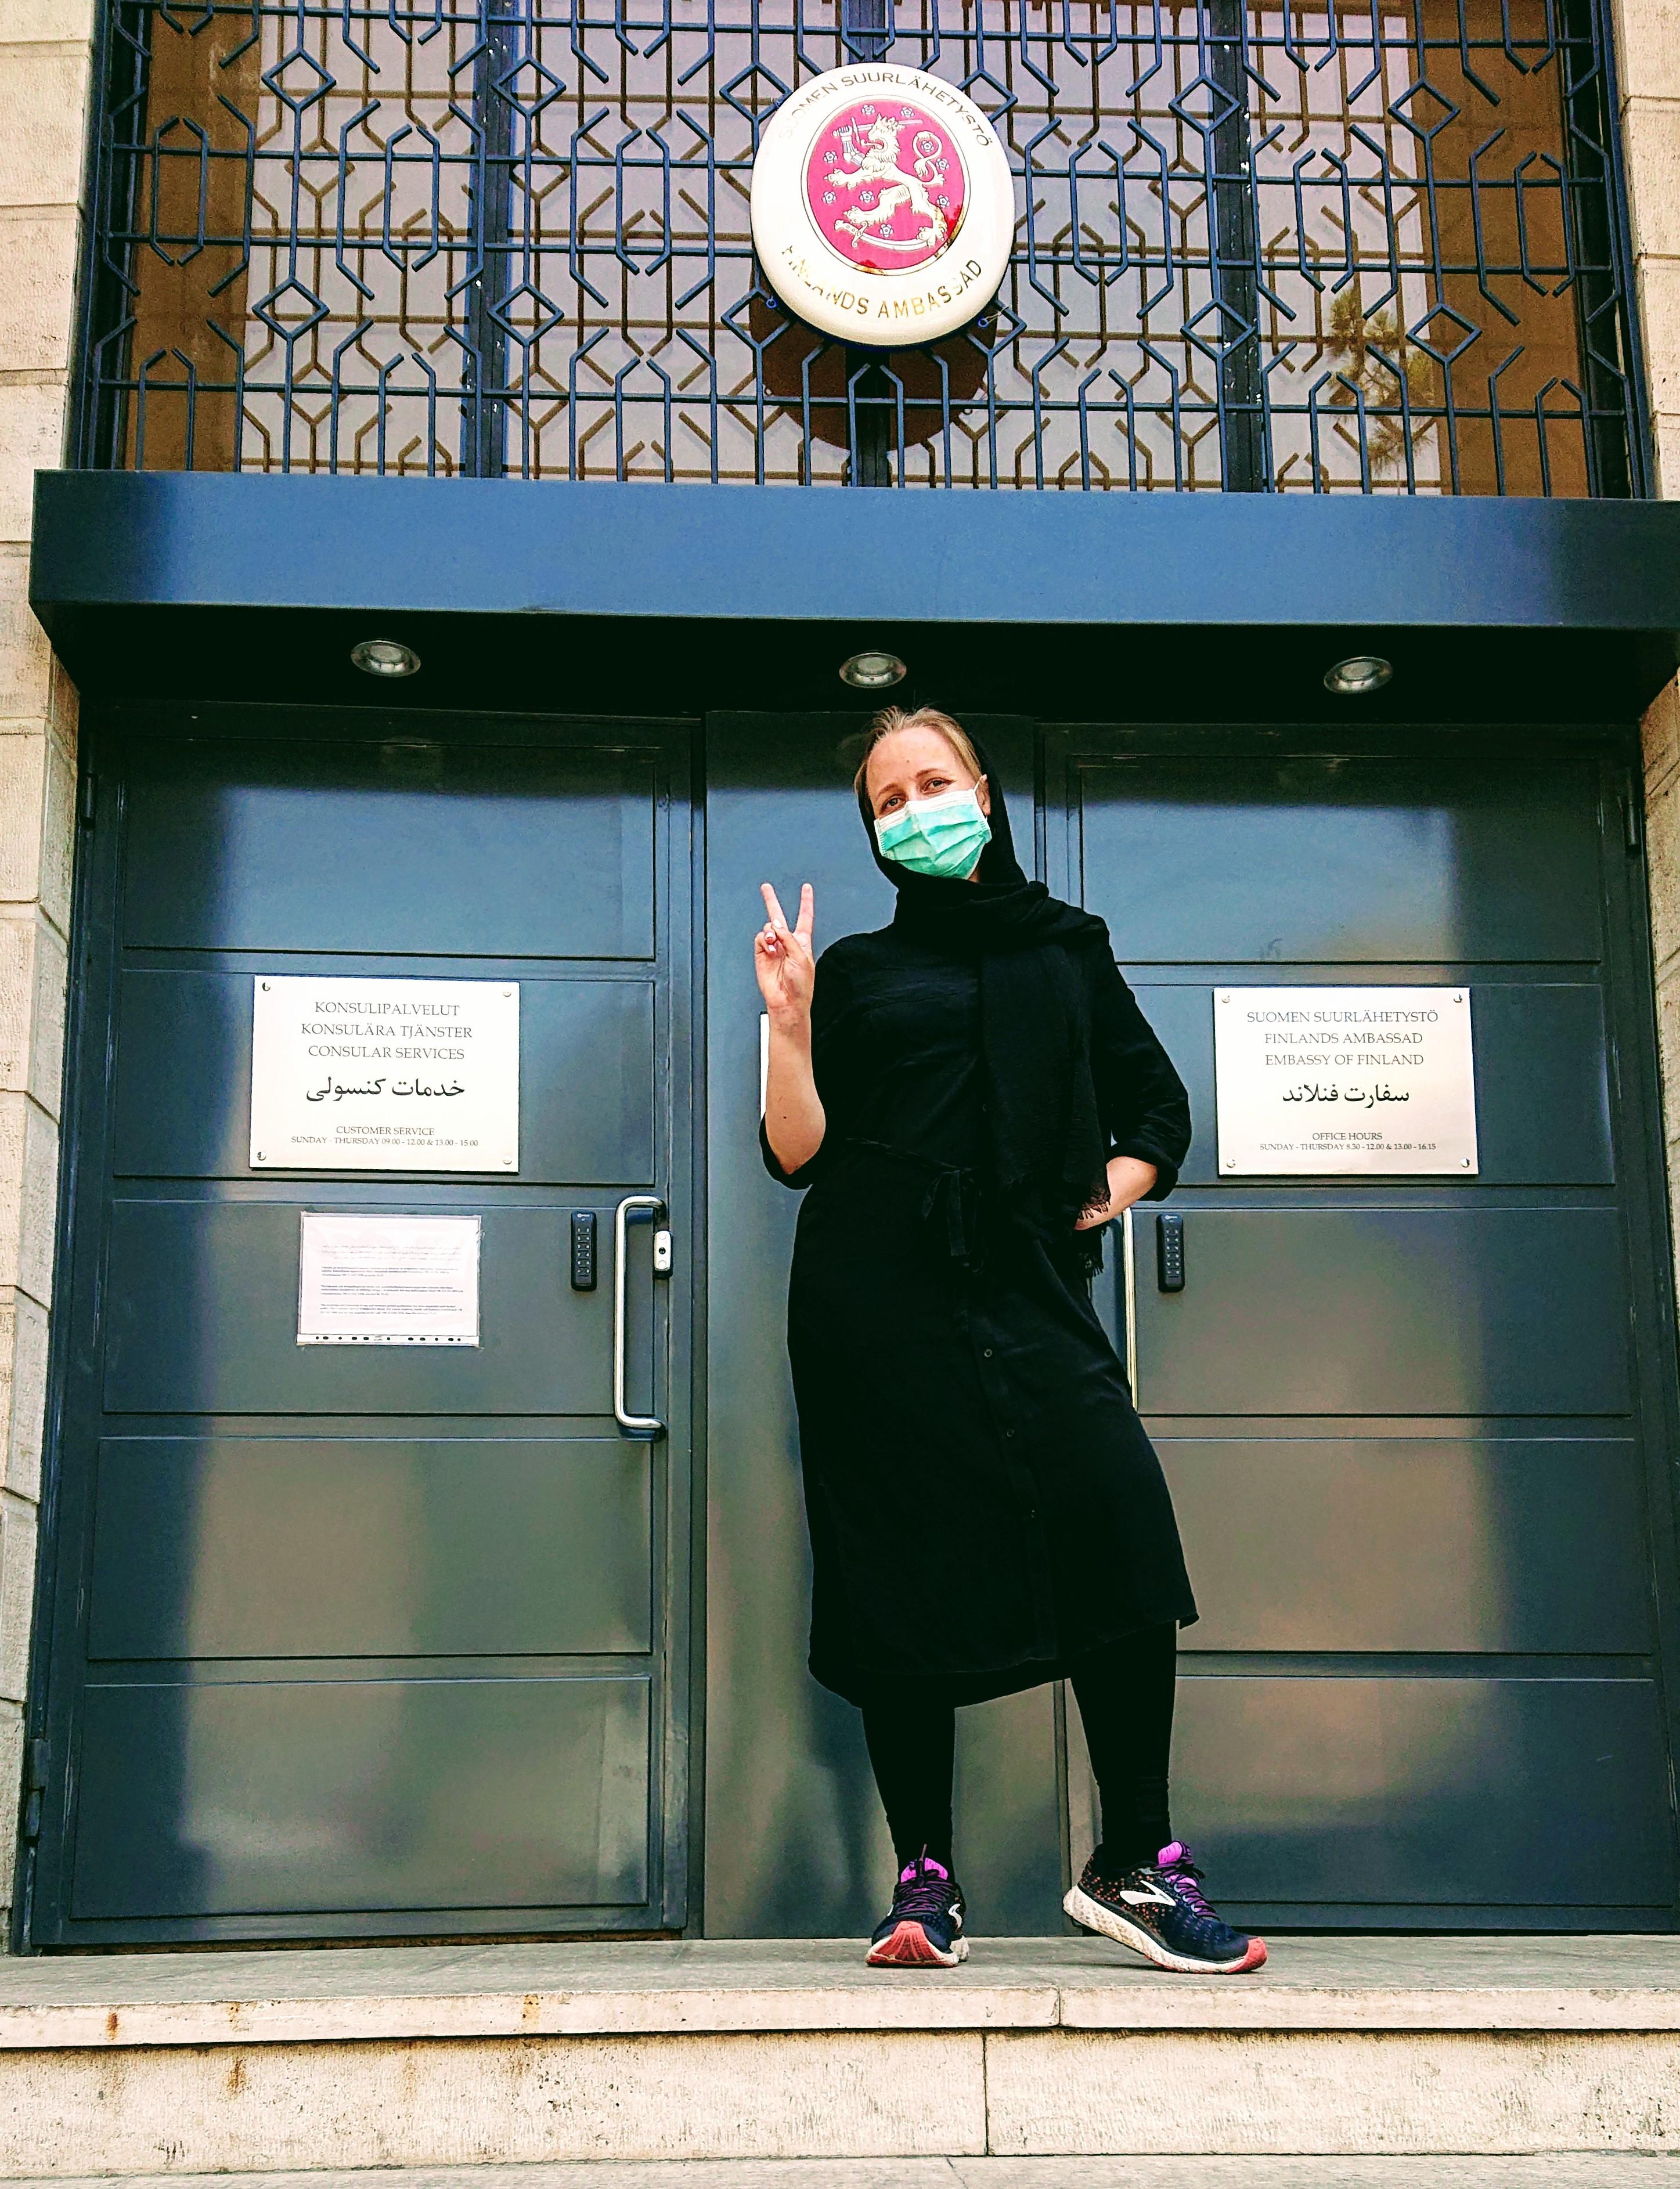 COVID-19-epidemia näkyy Teheranin katukuvassa muun muassa kasvomaskien muodossa, ja niiden käyttöä edellytetään julkisissa tiloissa. Kuva: Riina Keskinen.